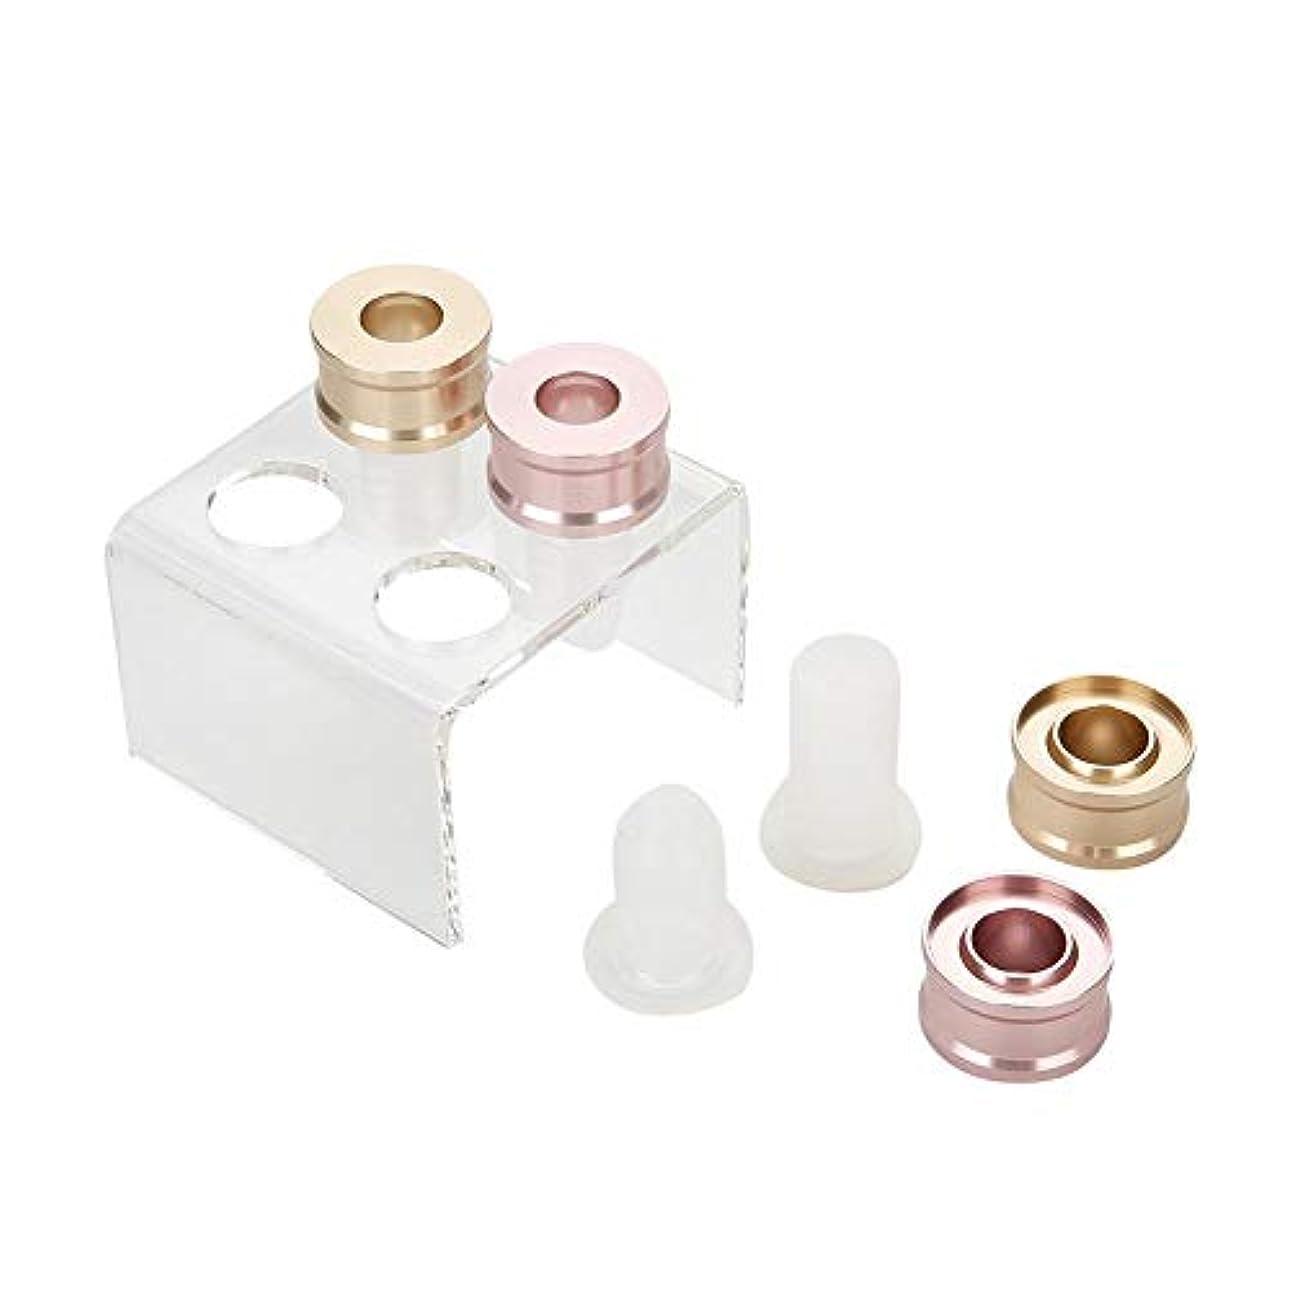 リップスティックDIY金型、手作り口紅 モールド 口紅型 DIY シリコン金型 全2様式選べる(02#)